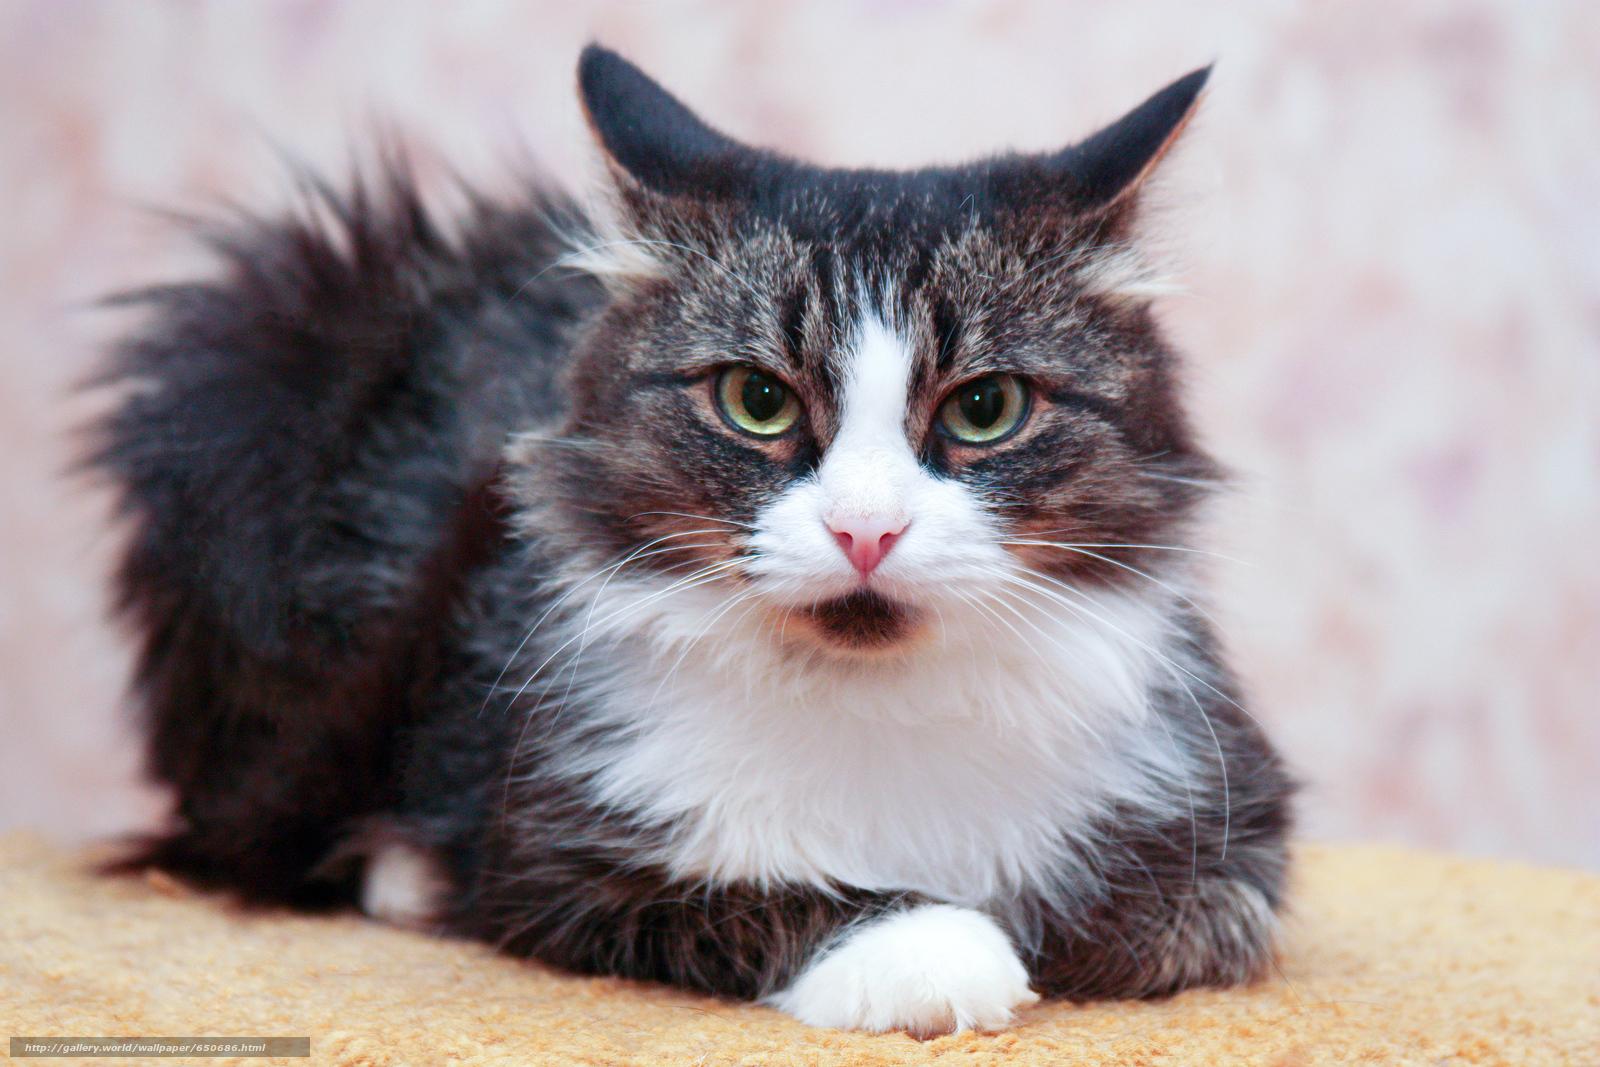 Скачать обои кот,  кошка,  кошки,  фон бесплатно для рабочего стола в разрешении 2500x1667 — картинка №650686